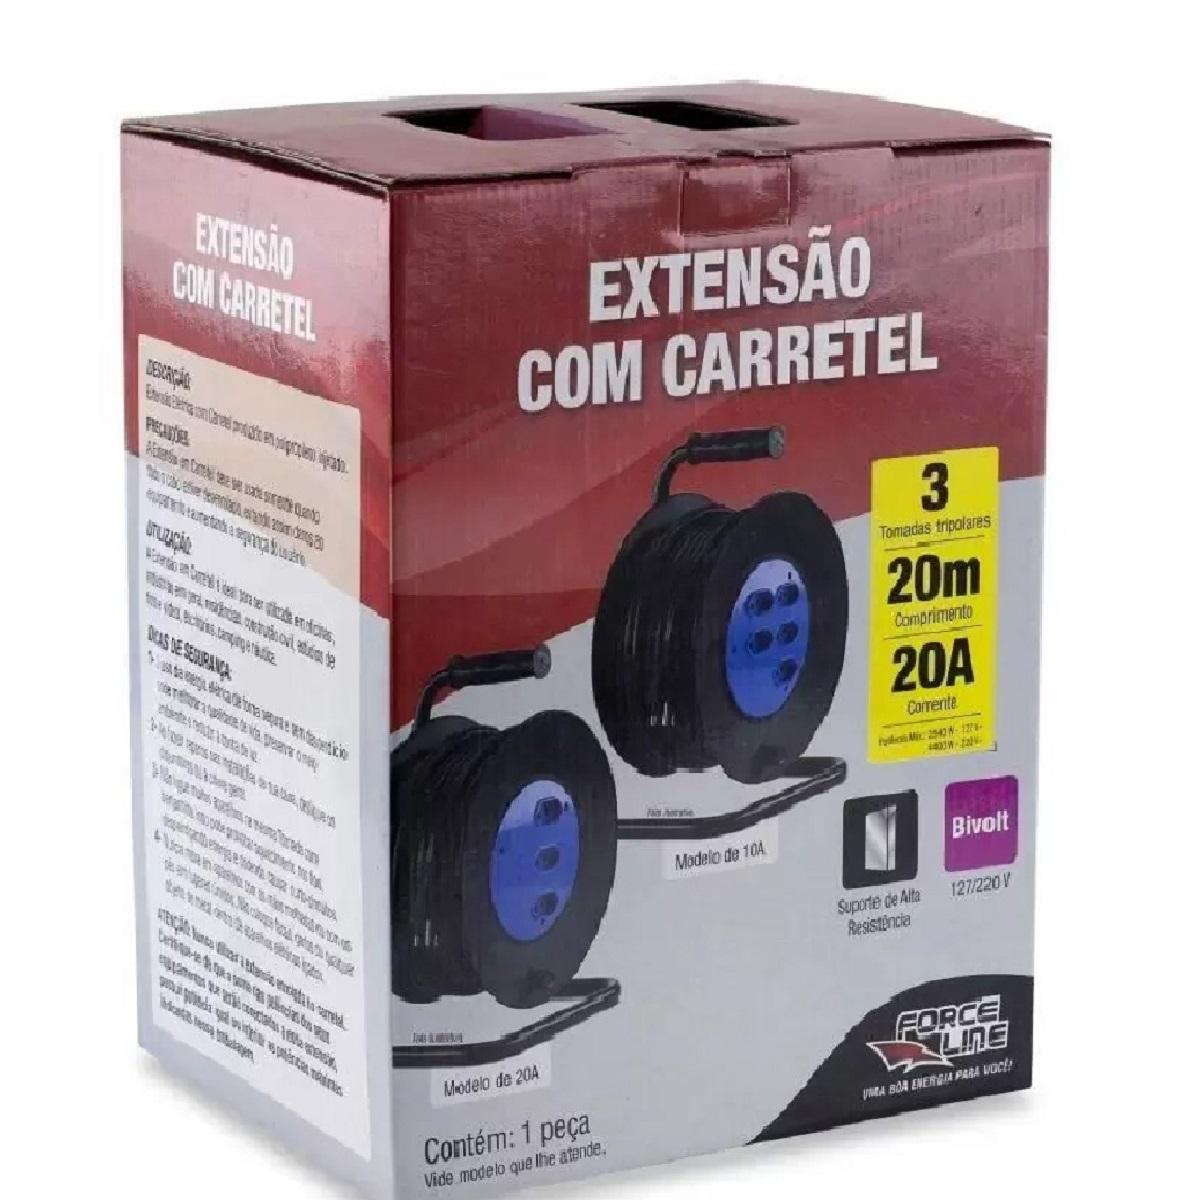 Extensão com Carretel 20m - 20A 3 Tomadas 3x2,5mm Forceline  - EMPORIO K